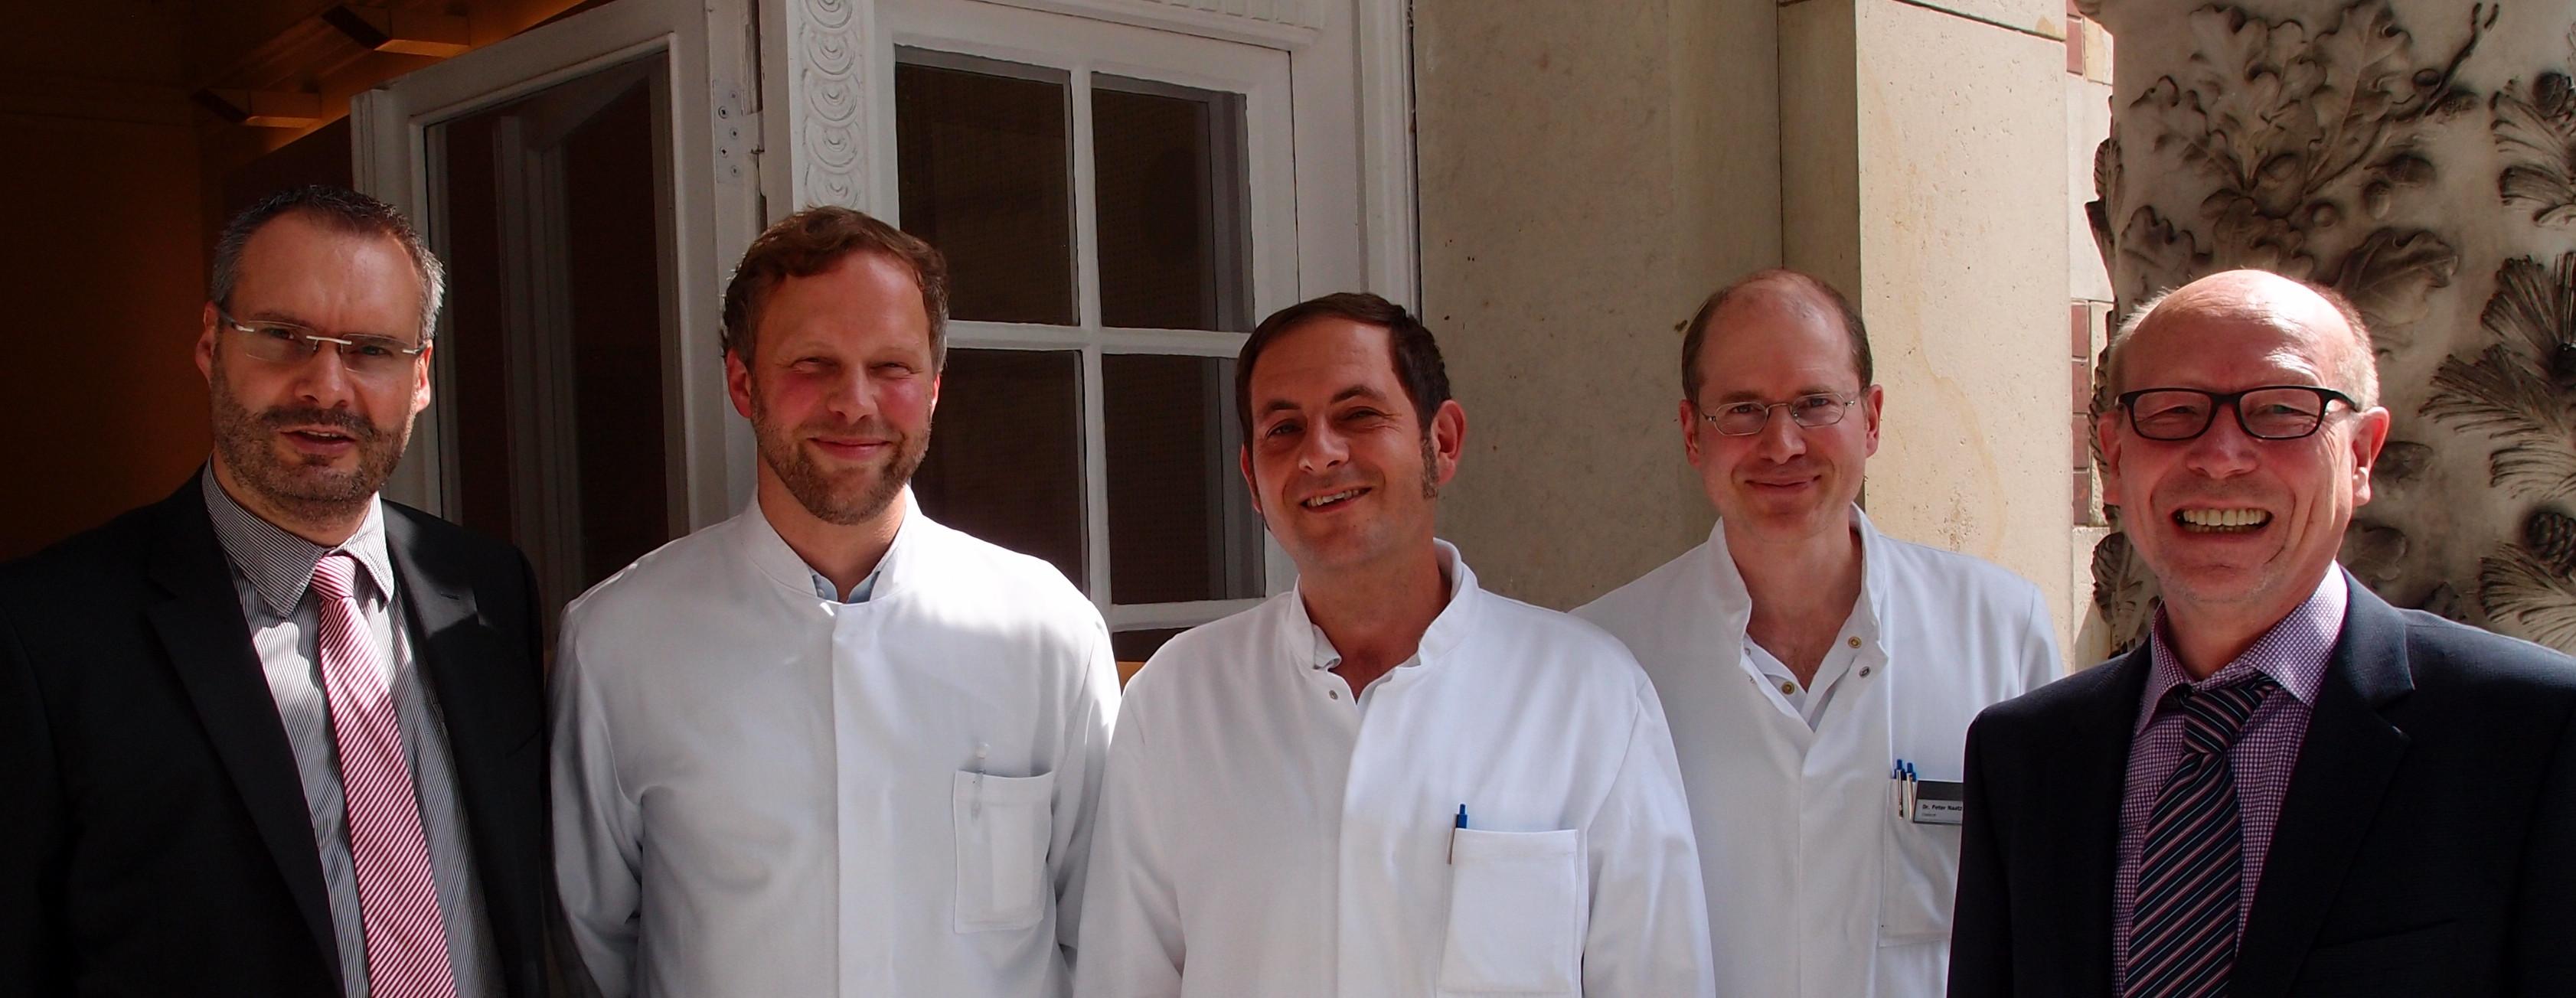 Ceschäftsführer und Chefärzte der Klinik für Orthopädie und Unfallchirurgie am Immanuel Krankenhaus Berlin: Roy J. Noack, Dr. Michael Berndsen, Georg Garain, Udo Schmidt (von links)